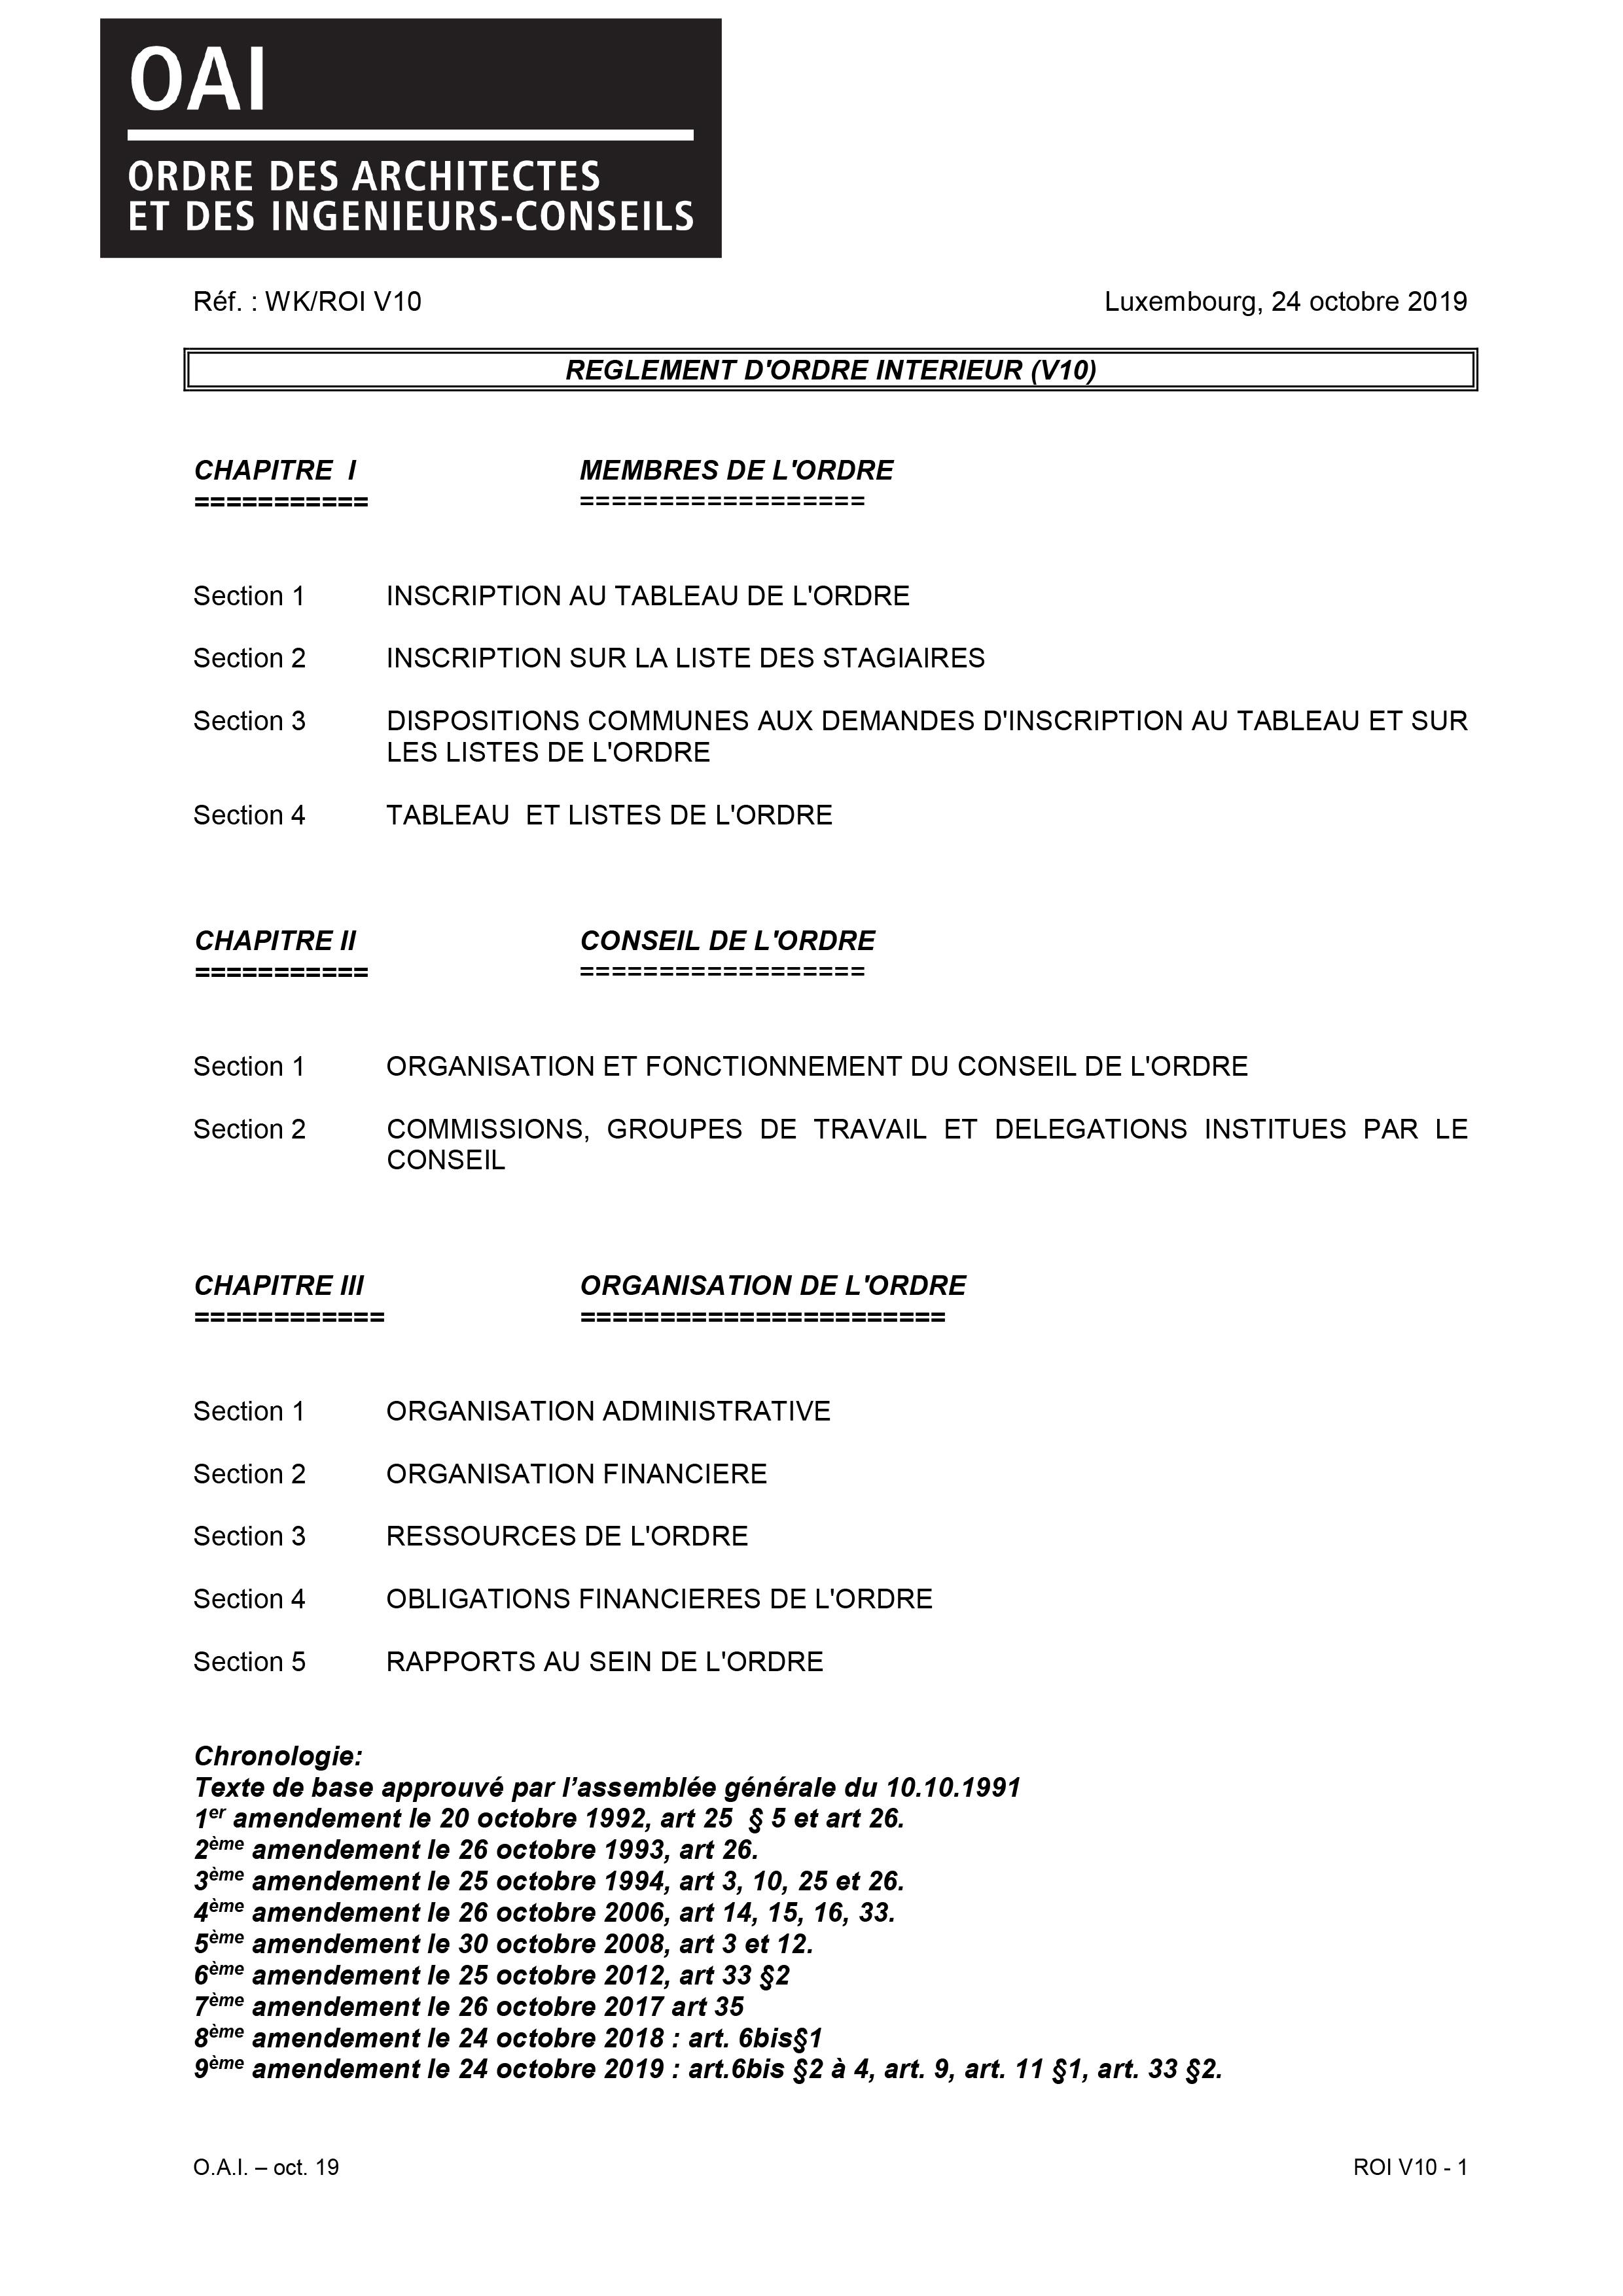 Liste Ordre Des Architectes oai - ordre des architectes et des ingénieurs-conseils